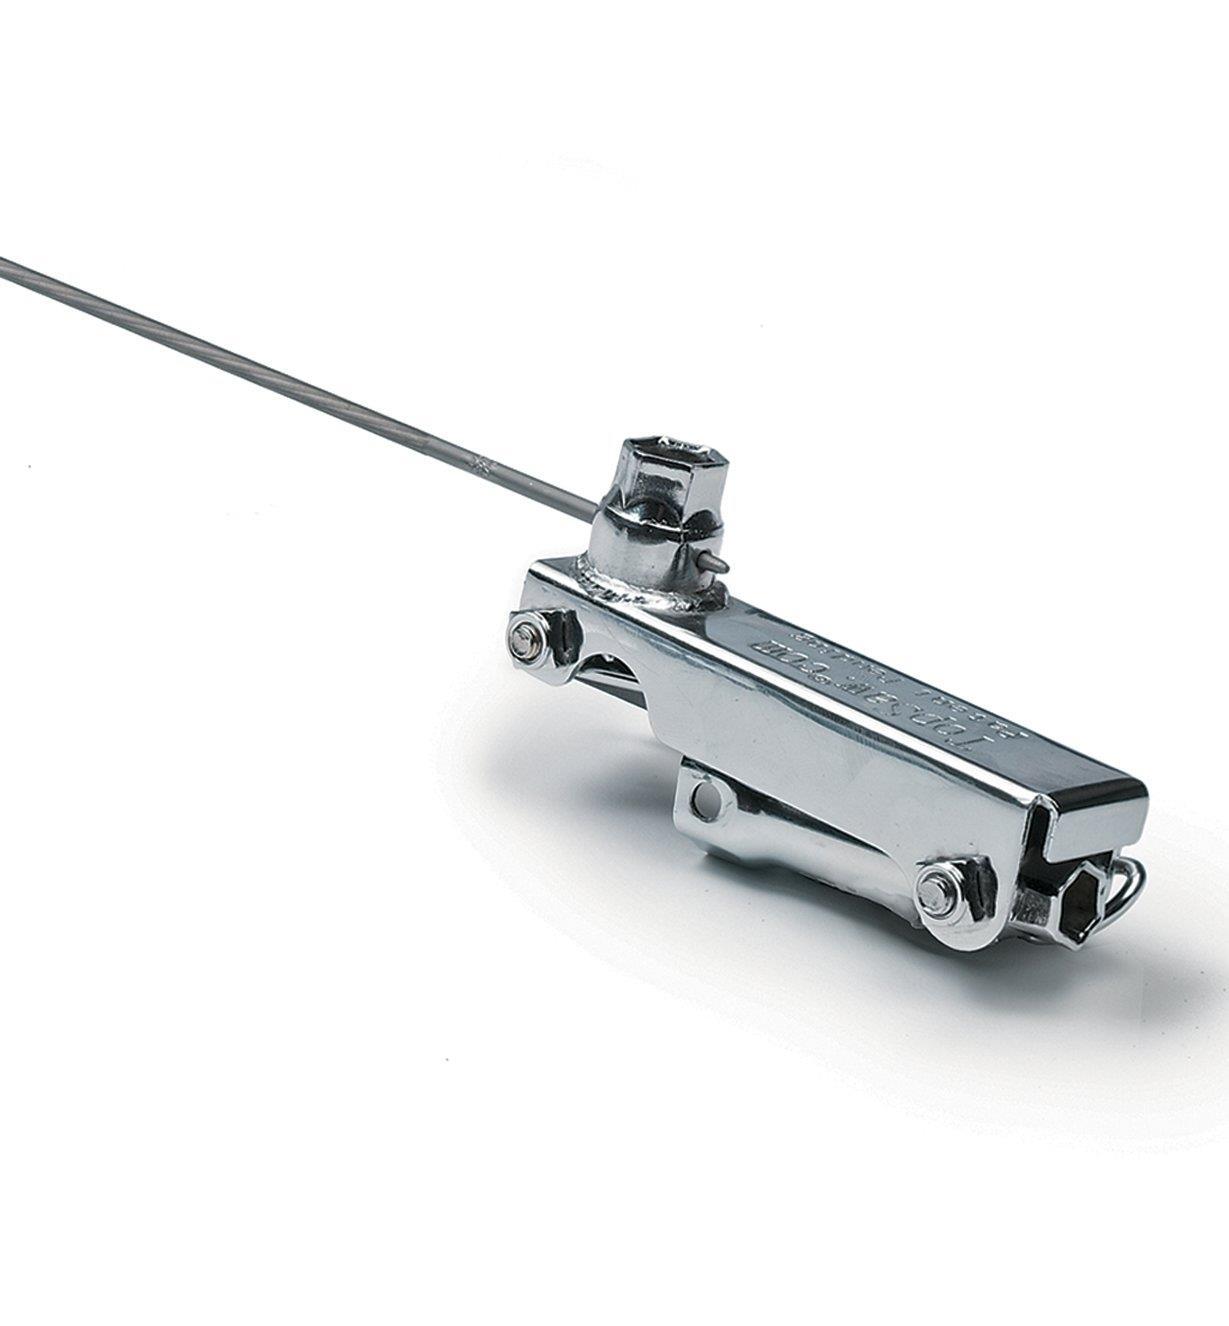 77U0601 - Outil multifonction pour scie à chaîne